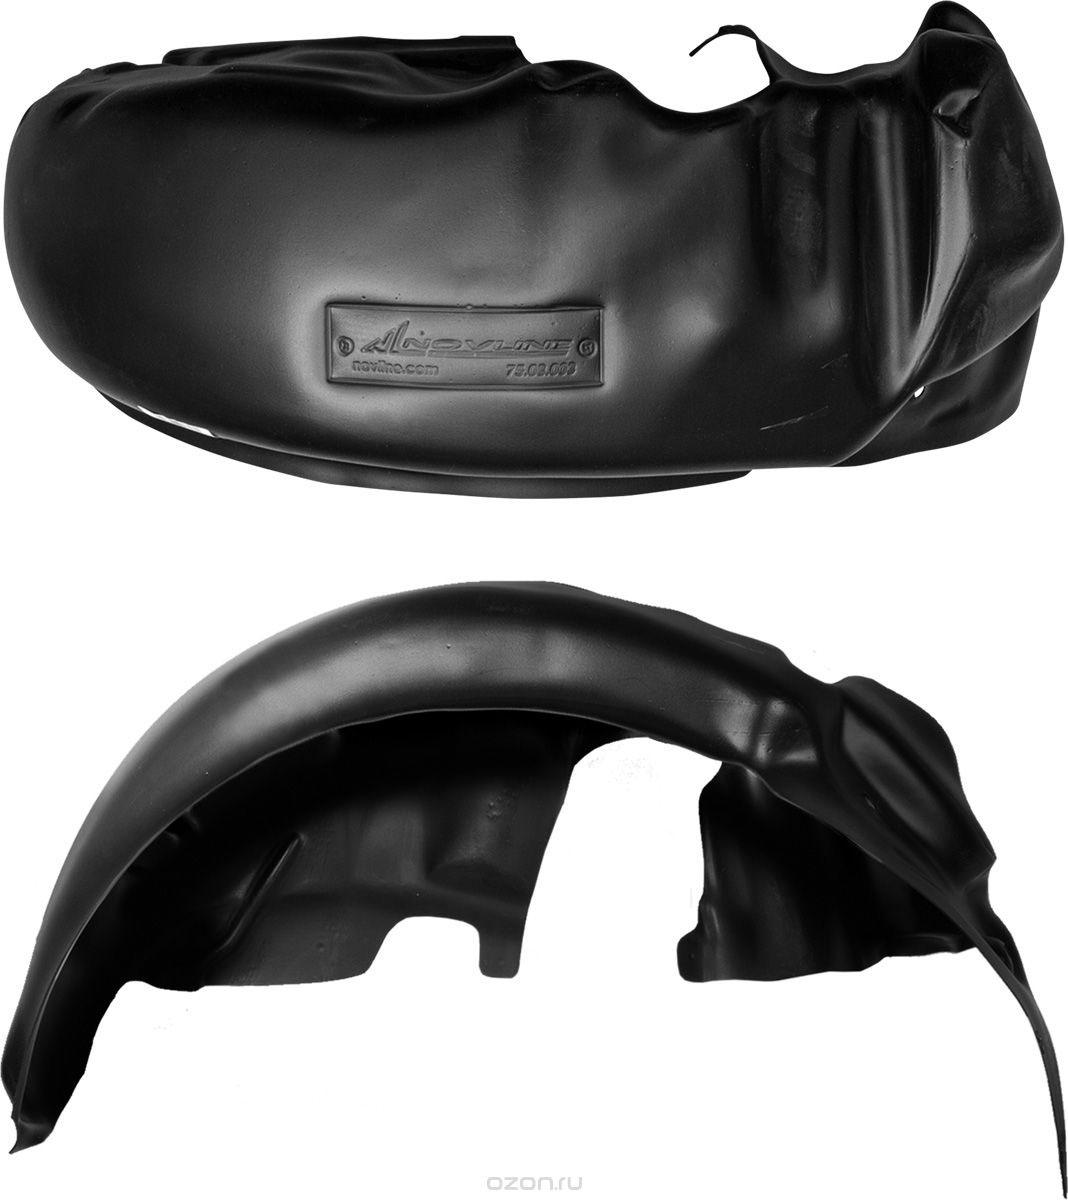 Подкрылок Novline-Autofamily, для Brilliance V5, 2014->, передний левыйNLL.95.01.001Идеальная защита колесной ниши. Локеры разработаны с применением цифровых технологий, гарантируют максимальную повторяемость поверхности арки. Изделия устанавливаются без нарушения лакокрасочного покрытия автомобиля, каждый подкрылок комплектуется крепежом. Уважаемые клиенты, обращаем ваше внимание, что фотографии на подкрылки универсальные и не отражают реальную форму изделия. При этом само изделие идет точно под размер указанного автомобиля.